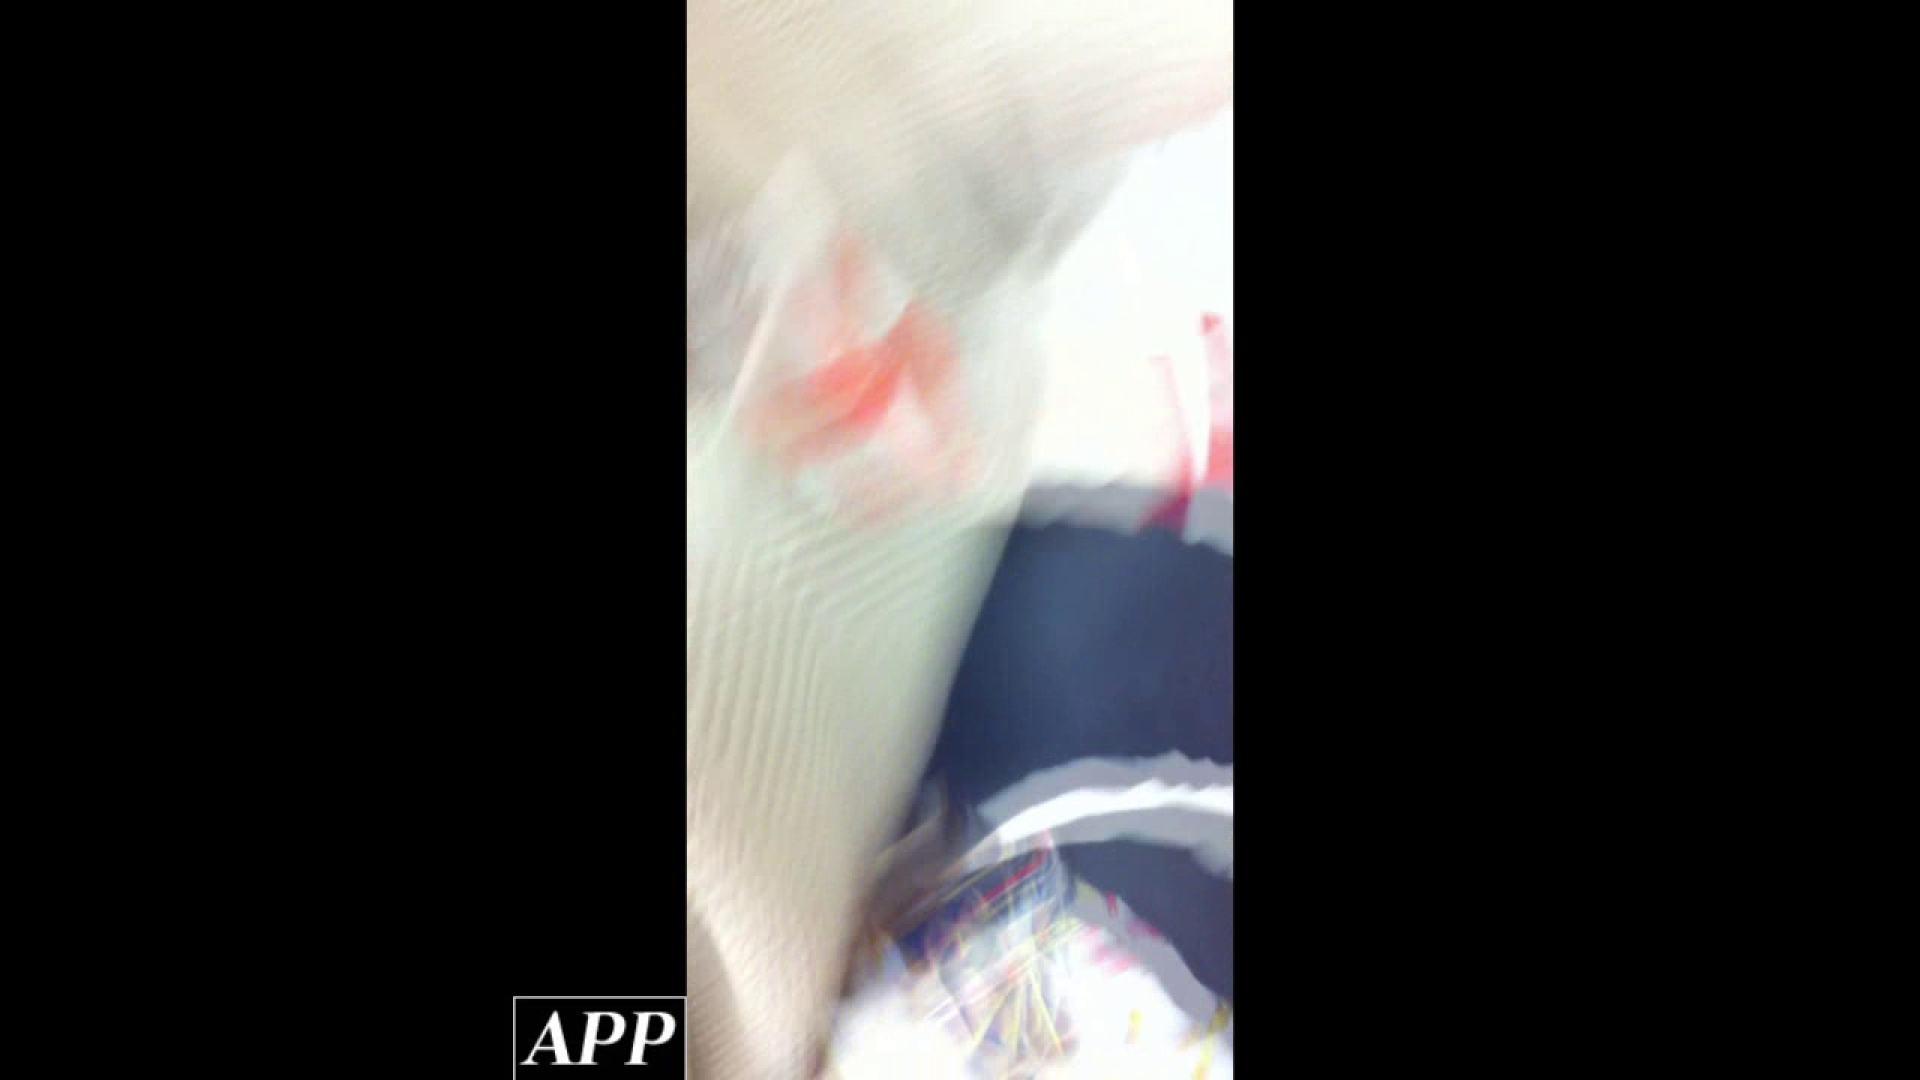 ハイビジョン盗撮!ショップ店員千人斬り!胸チラ編 vol.72 盗撮動画 | チクビ特集  11枚 1